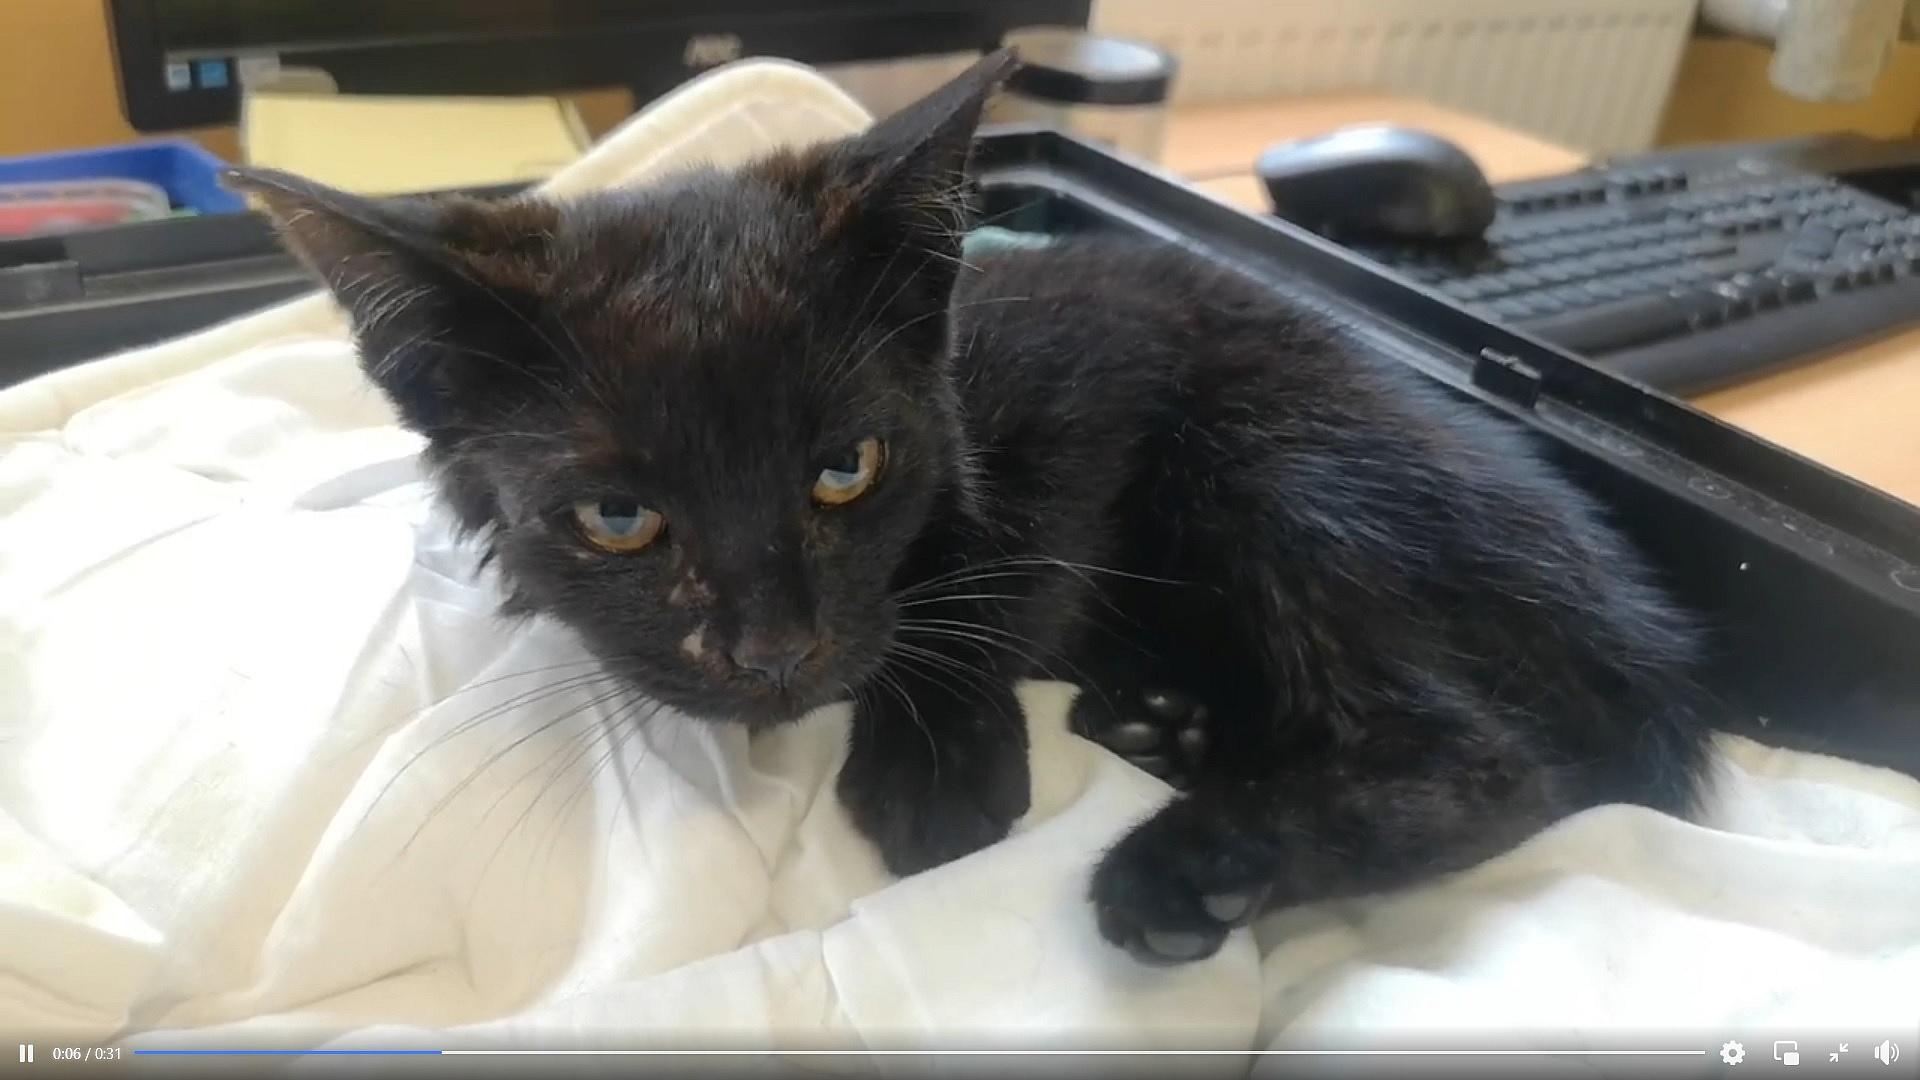 Okropna tragedia małego kotka! Trafił do sortowni odpadów!